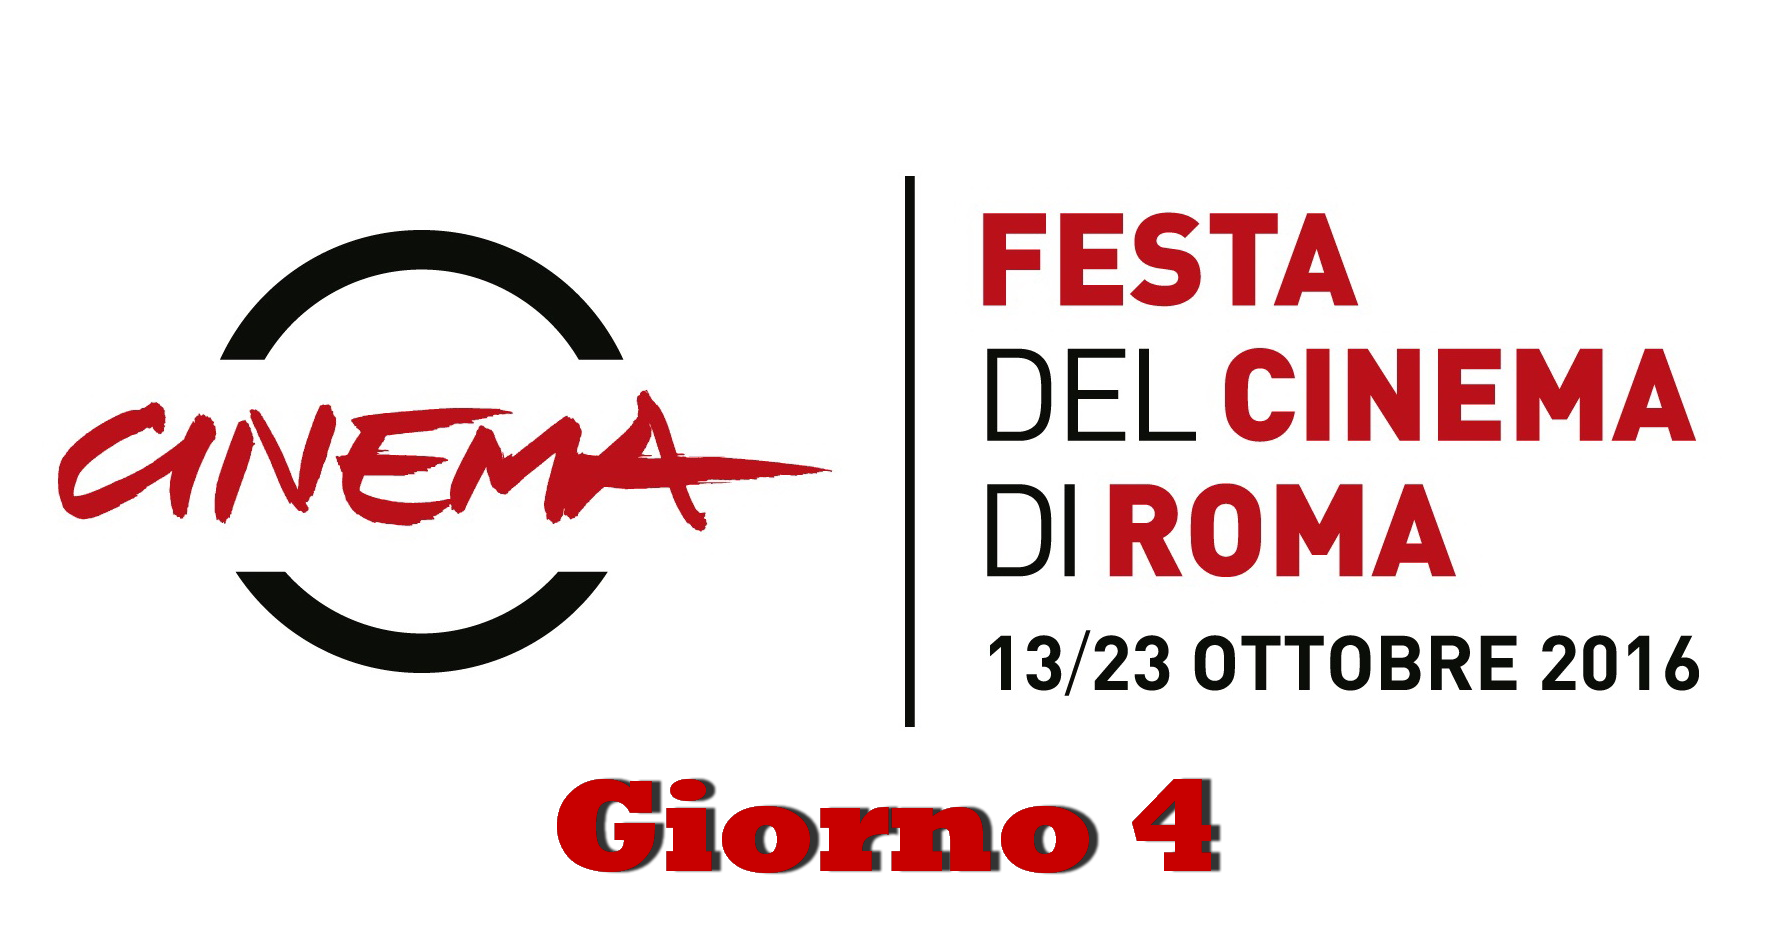 All'Auditorium Parco della Musicaè terminata anche la quarta giornata dell'11a Festa del Cinema di Roma. Nel ricchissimo programma di oggi, mattatore assoluto è statoLorenzo CherubiniJovanotti, uno dei più innovativi artisti […]